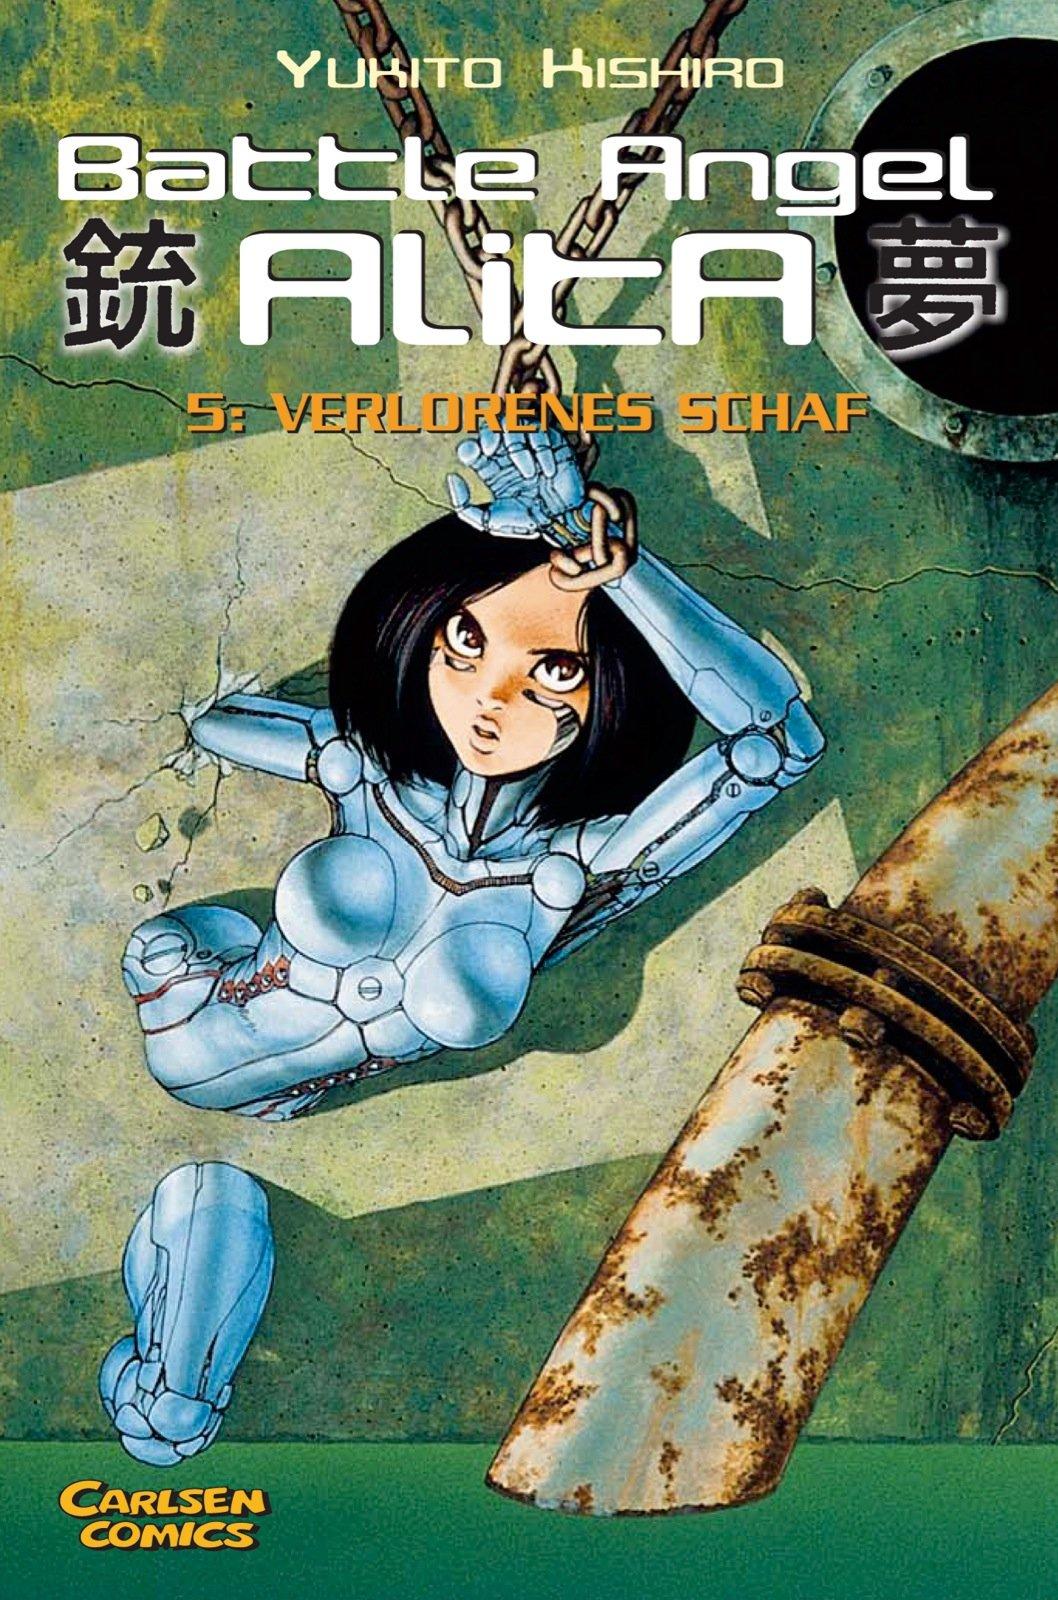 Battle Angel Alita, Taschenbuch-Ausg, Bd.5, Verlorenes Schaf Taschenbuch – 15. Februar 2001 Yukito Kishiro Jürgen Seebeck Junko Iwamoto Carlsen